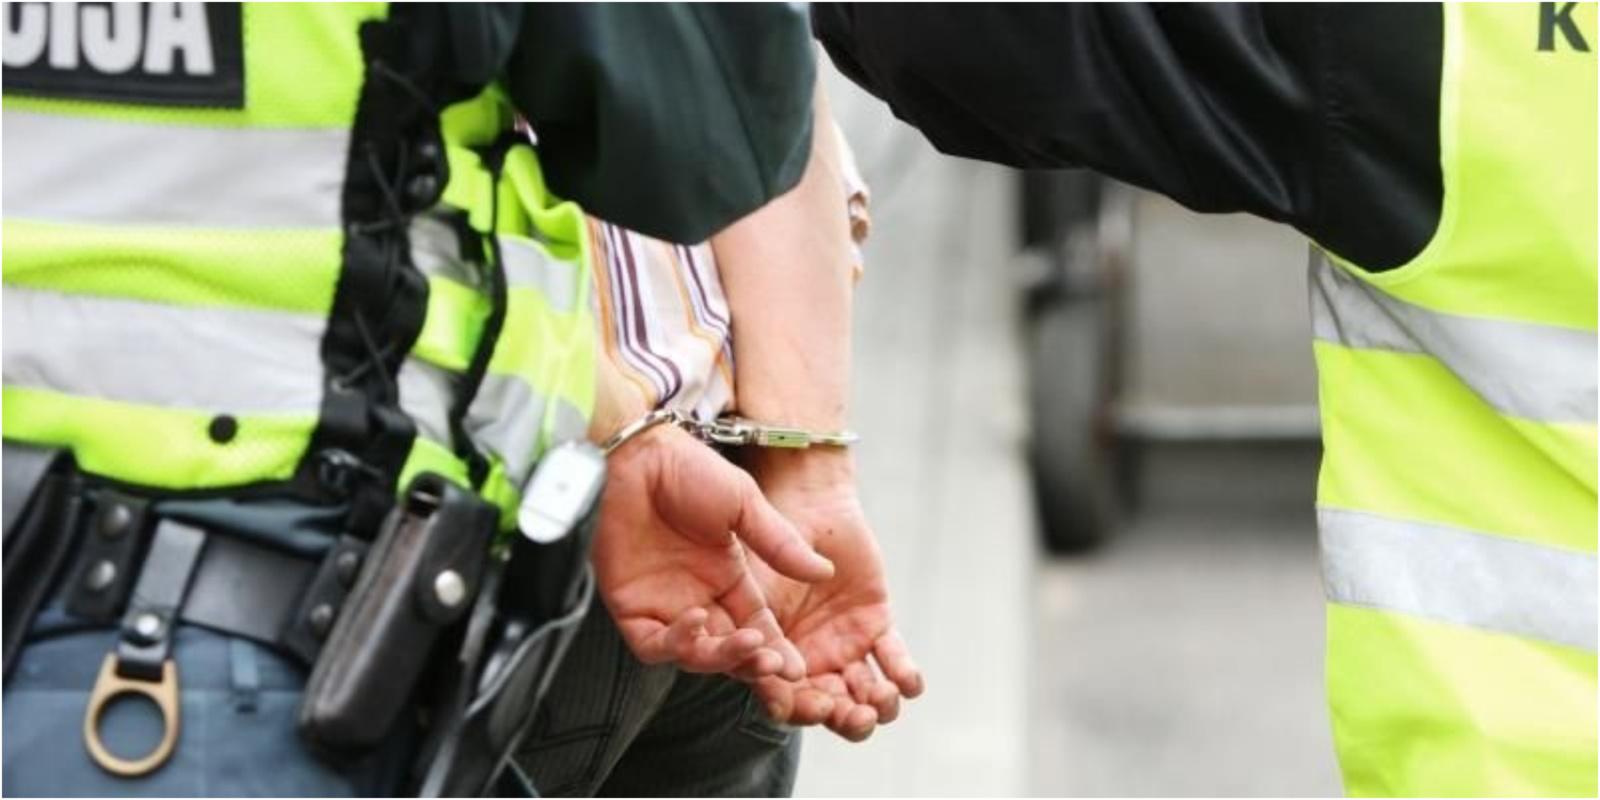 Nors mažėja registruotų nusikaltimų, lieka neaišku, apie kokią dalį jų nėra pranešama